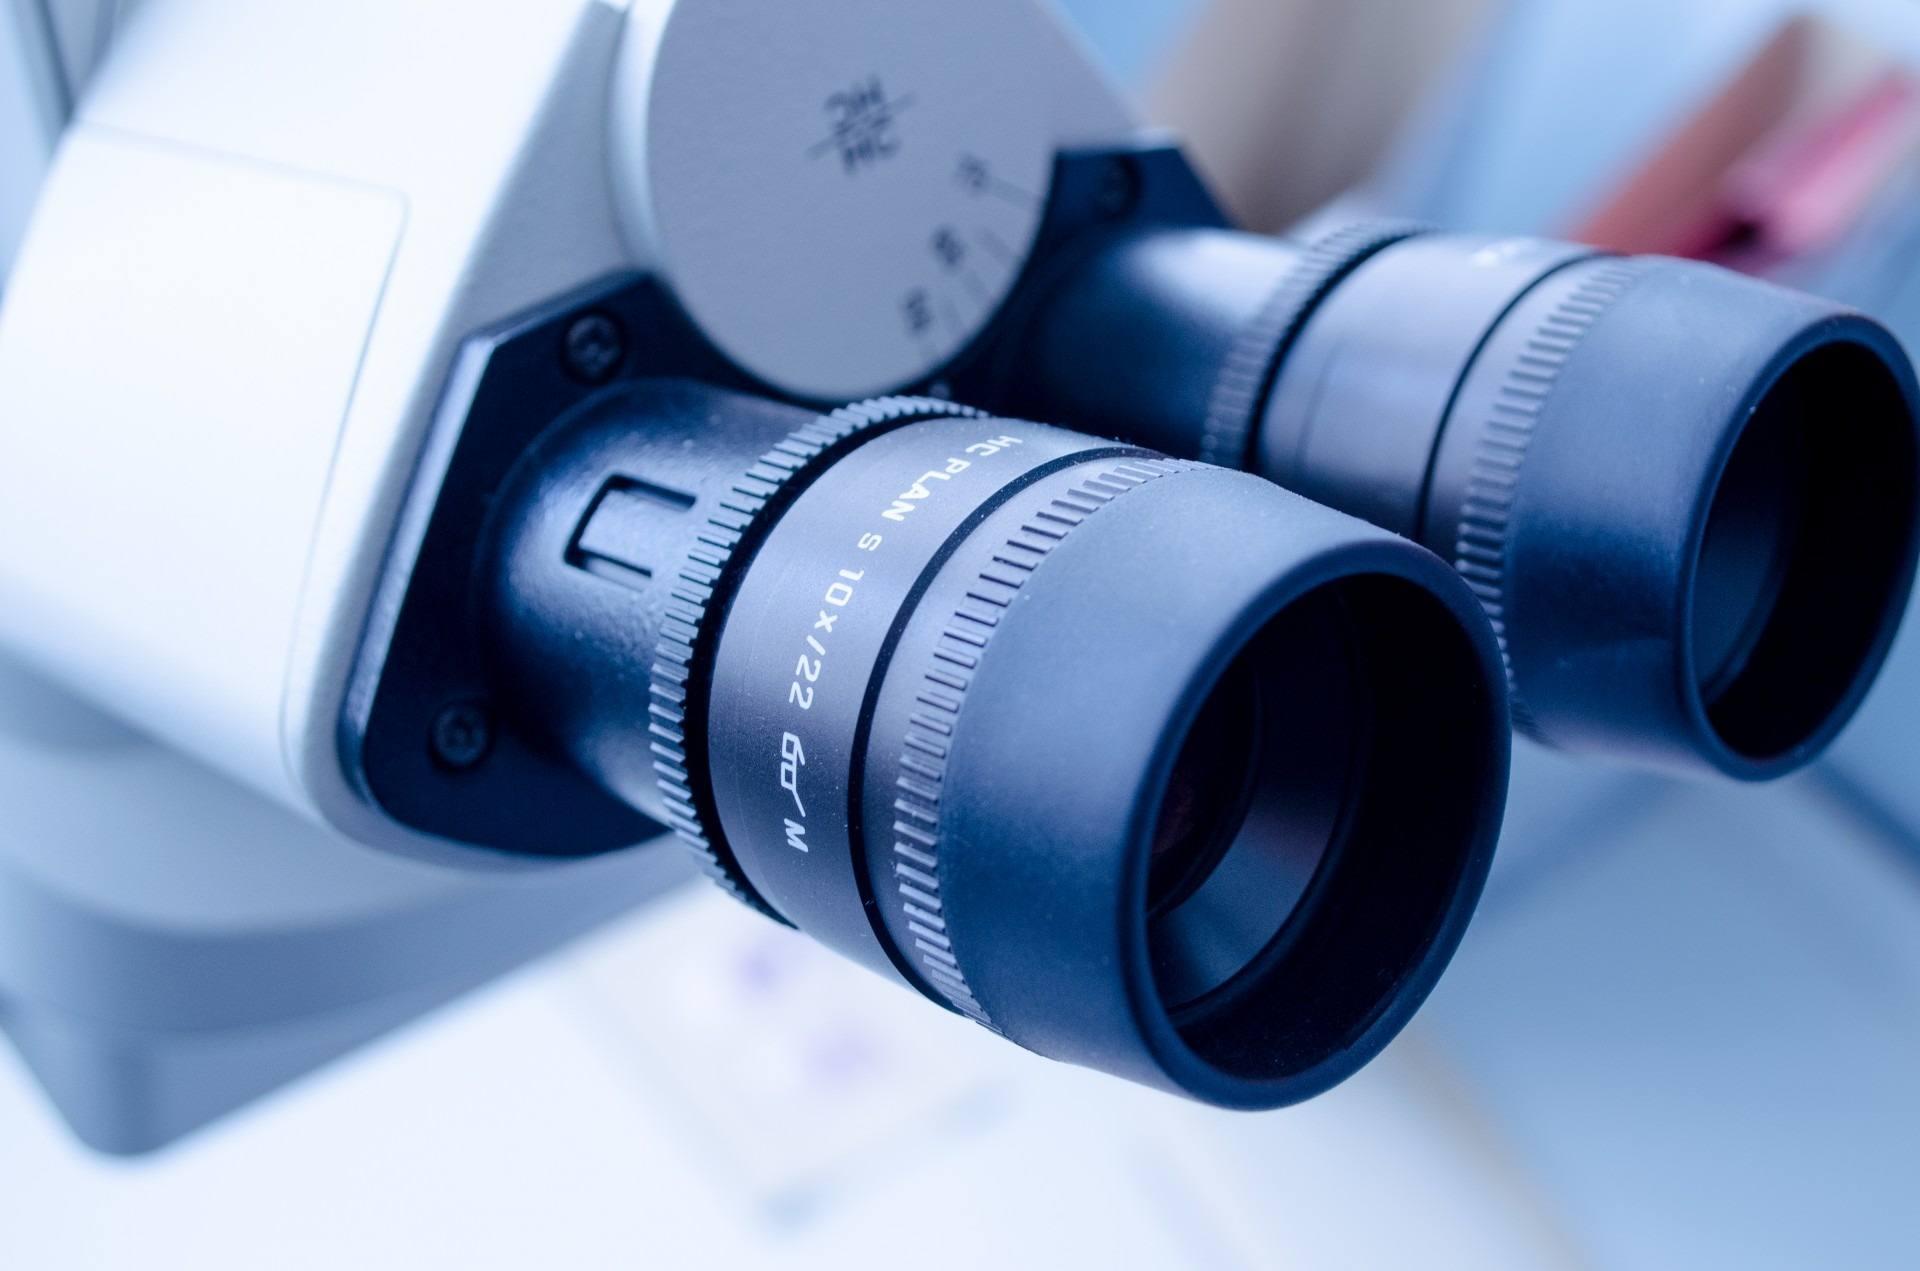 Professionelt laboratorieudstyr til det moderne laboratorium